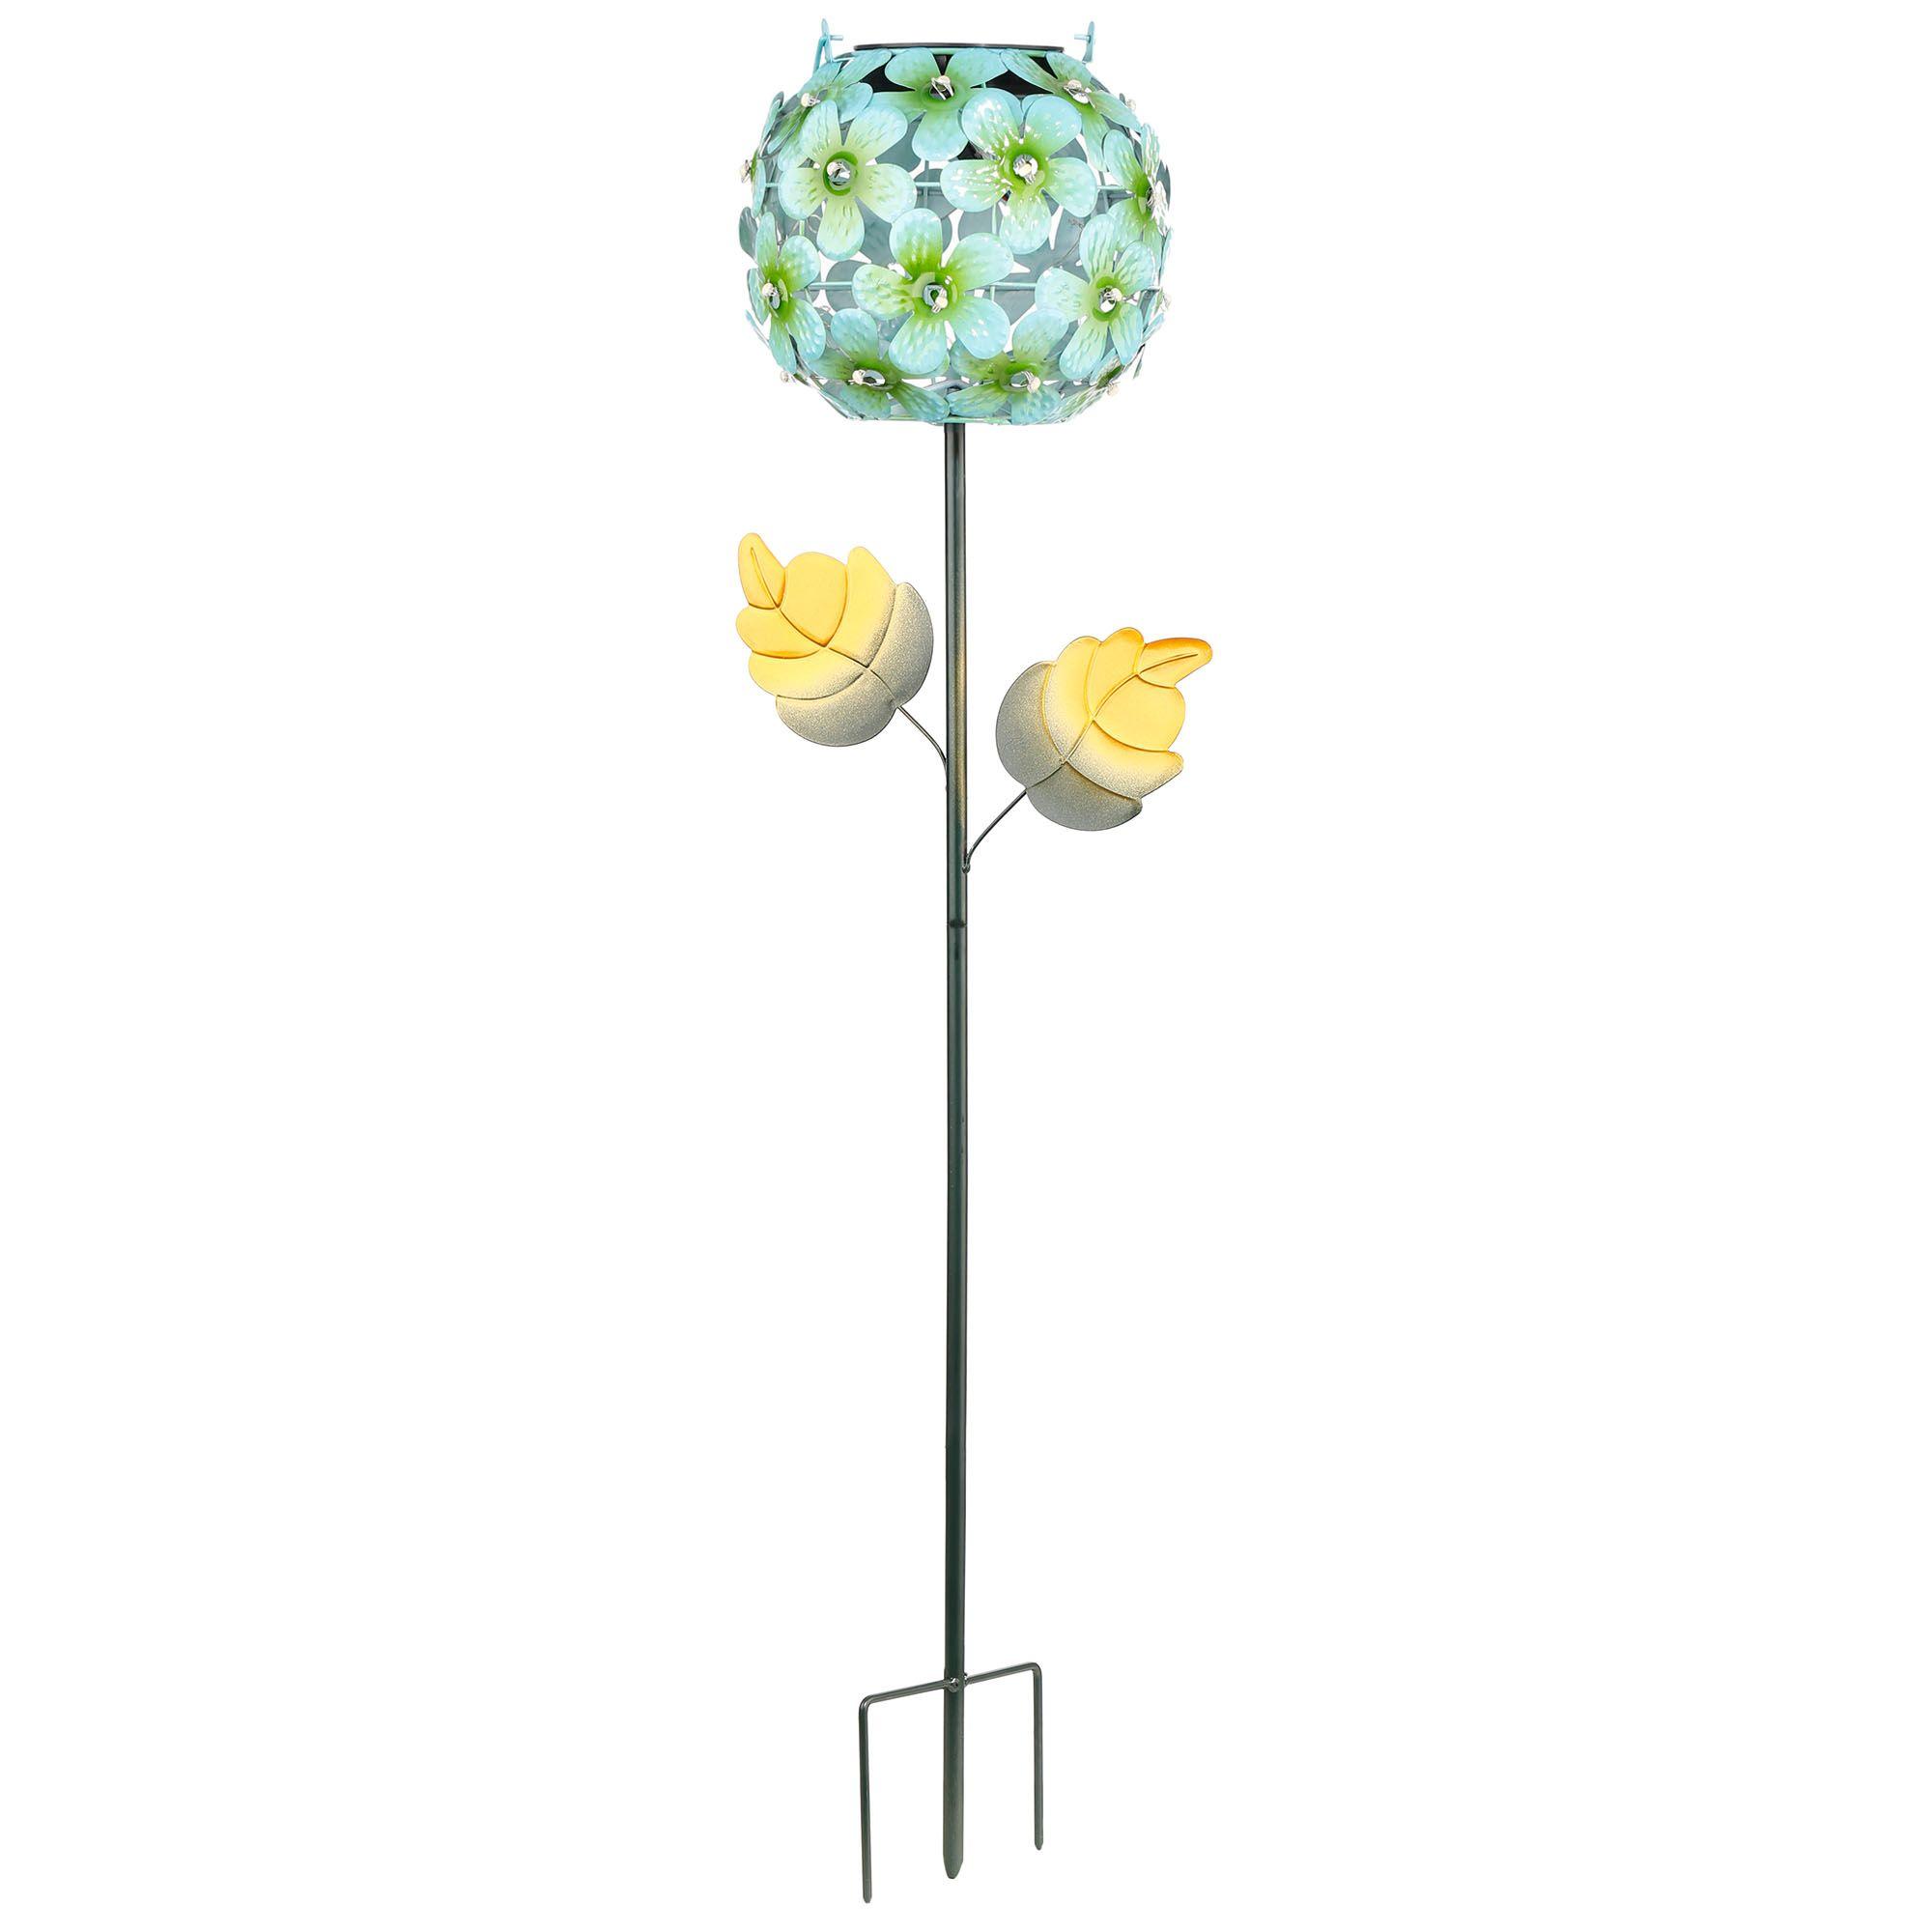 Hängeleuchte Blüten mit SolarfunktionSolarleuchteLED LeuchteGartendeko